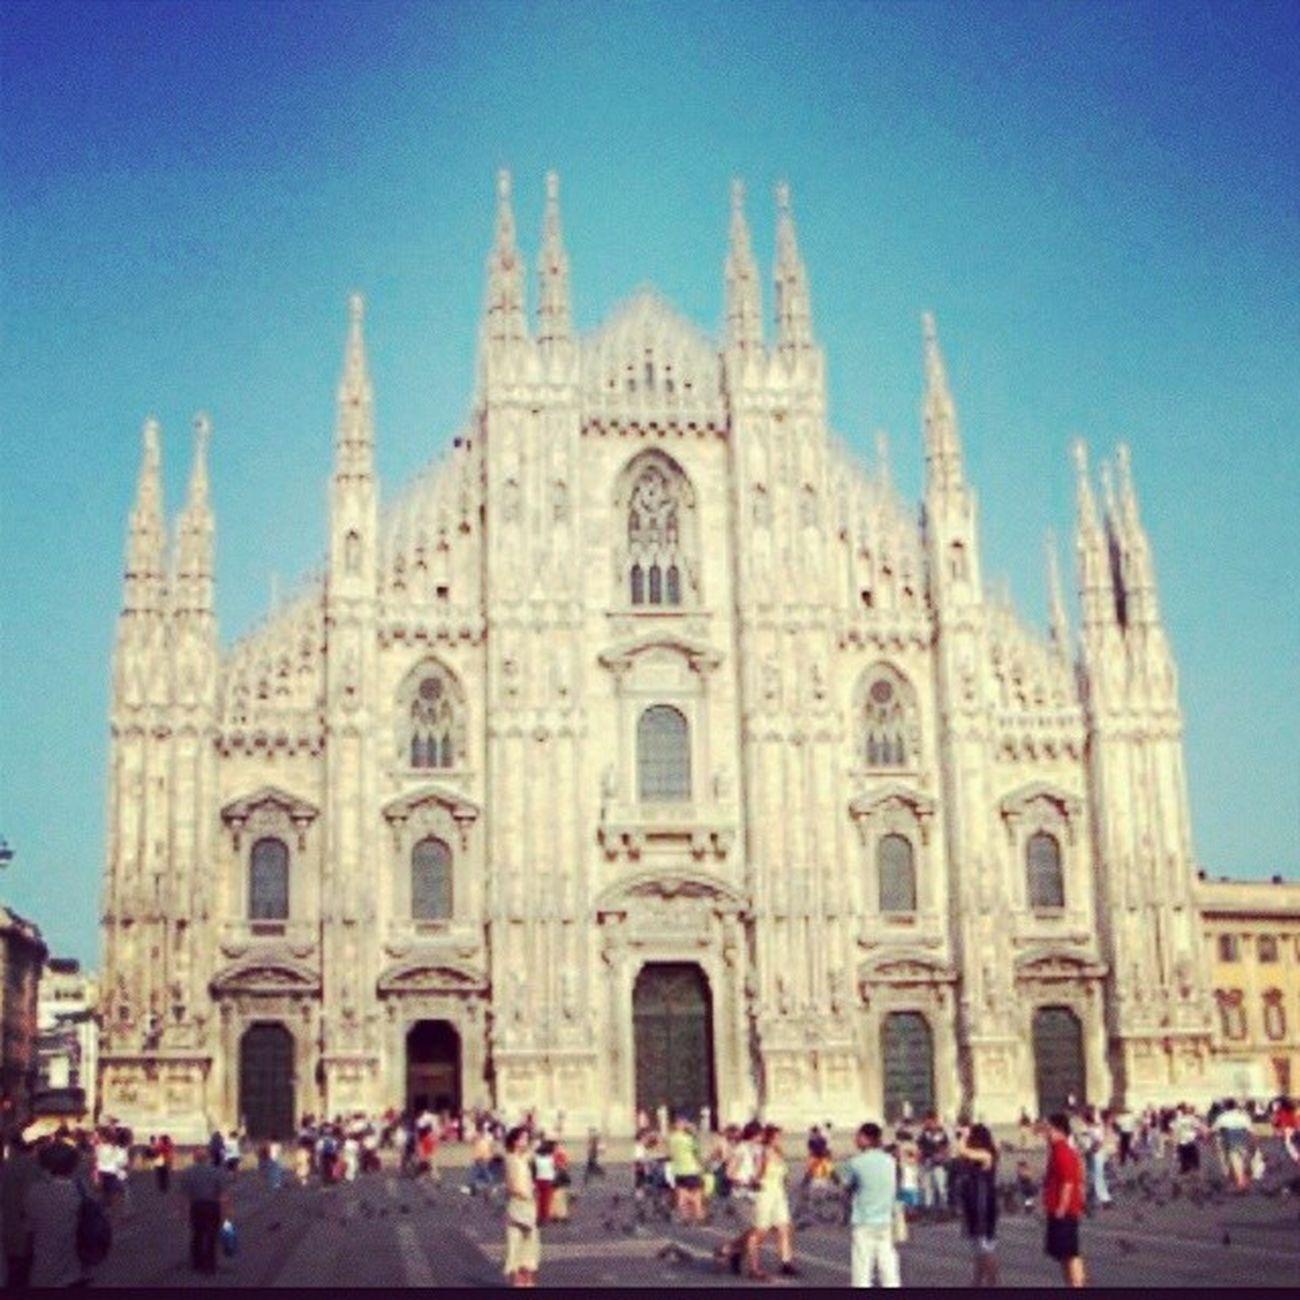 Gerade Urlaub mit der Bestenfreundin gebucht :) freu mich schon total :) Mailand Shoppen vacation bestfriends